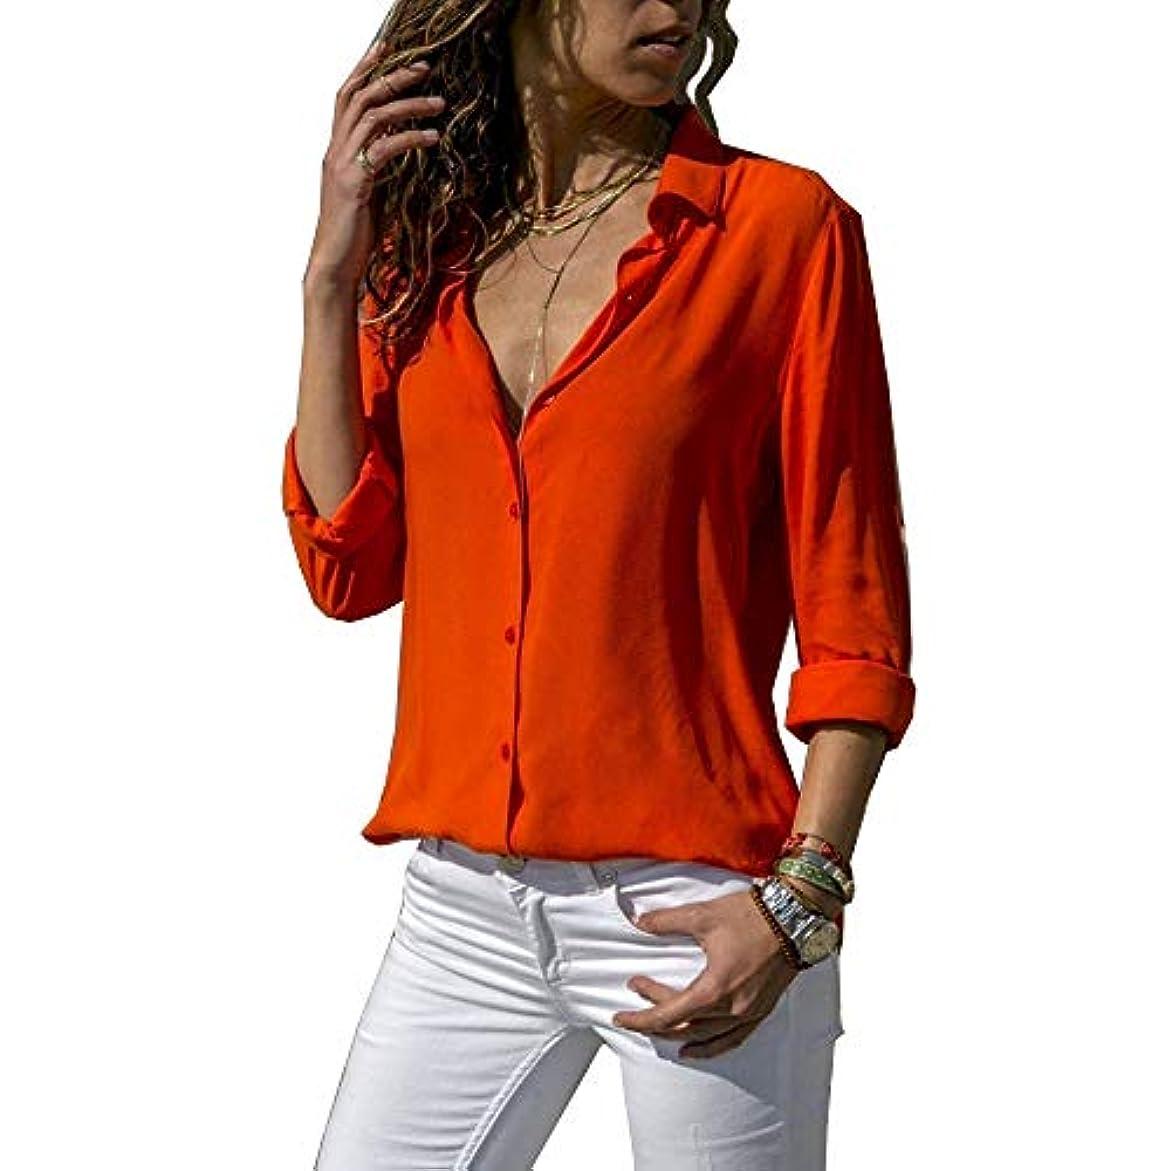 依存する直面する落ち込んでいるMIFAN ルーズシャツ、トップス&Tシャツ、プラスサイズ、トップス&ブラウス、シフォンブラウス、女性トップス、シフォンシャツ